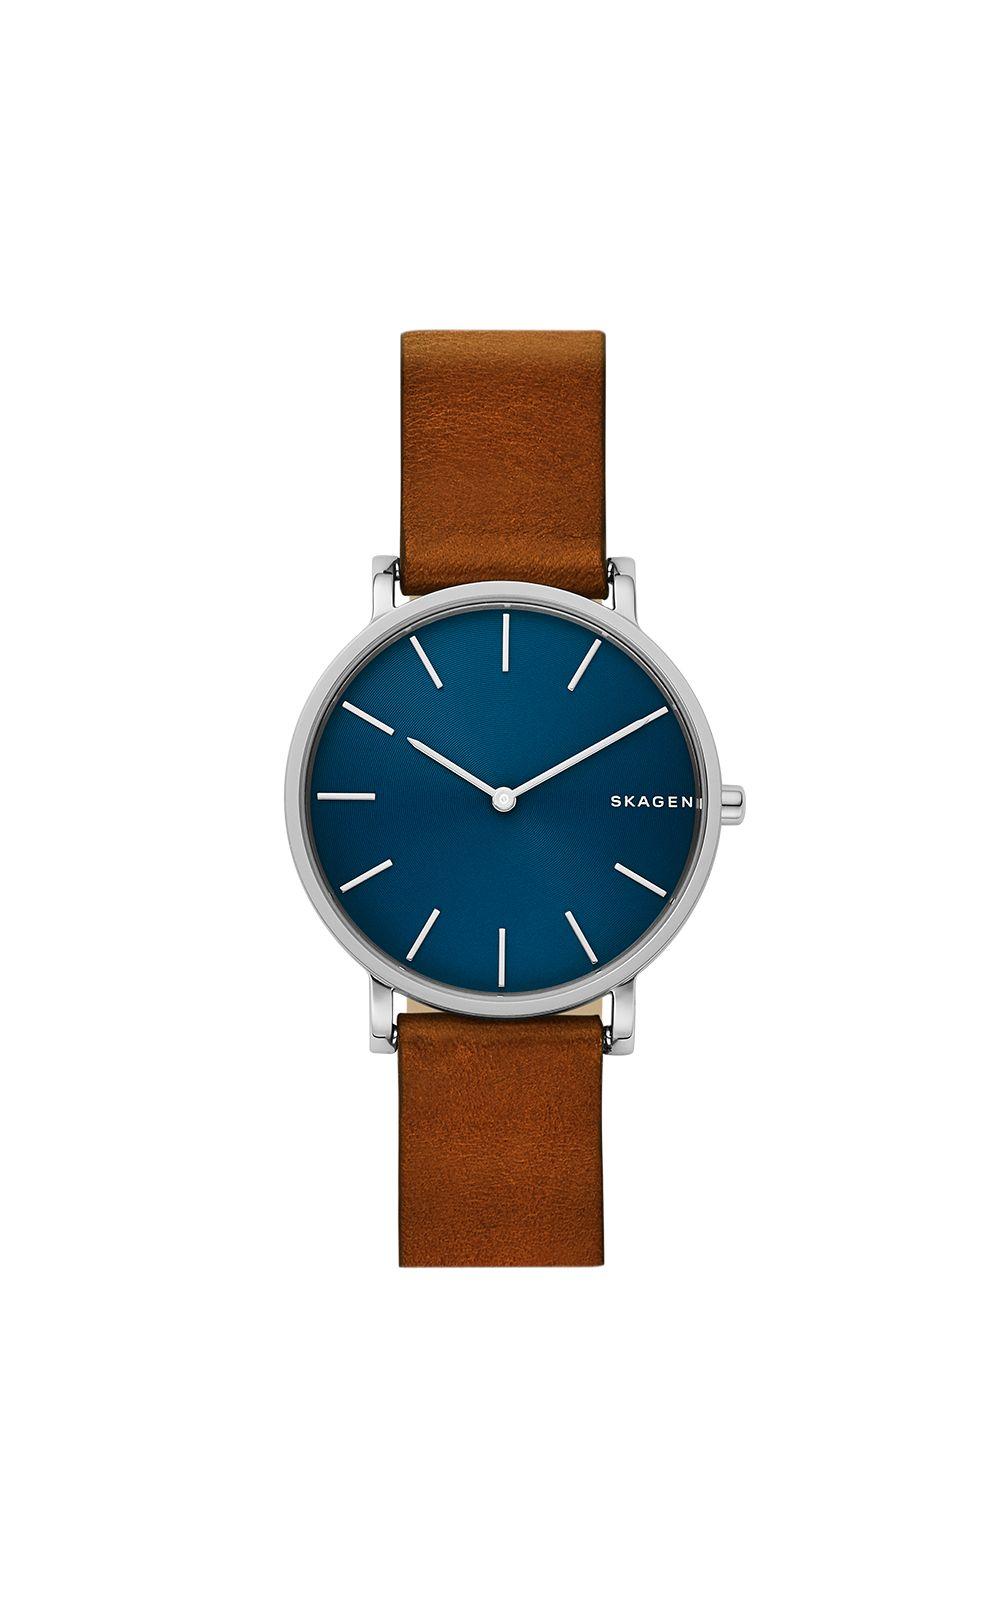 59a72d489cac4 Relógio Skagen Masculino Gents Hagen Marrom - SKW6446 0MN. undefined